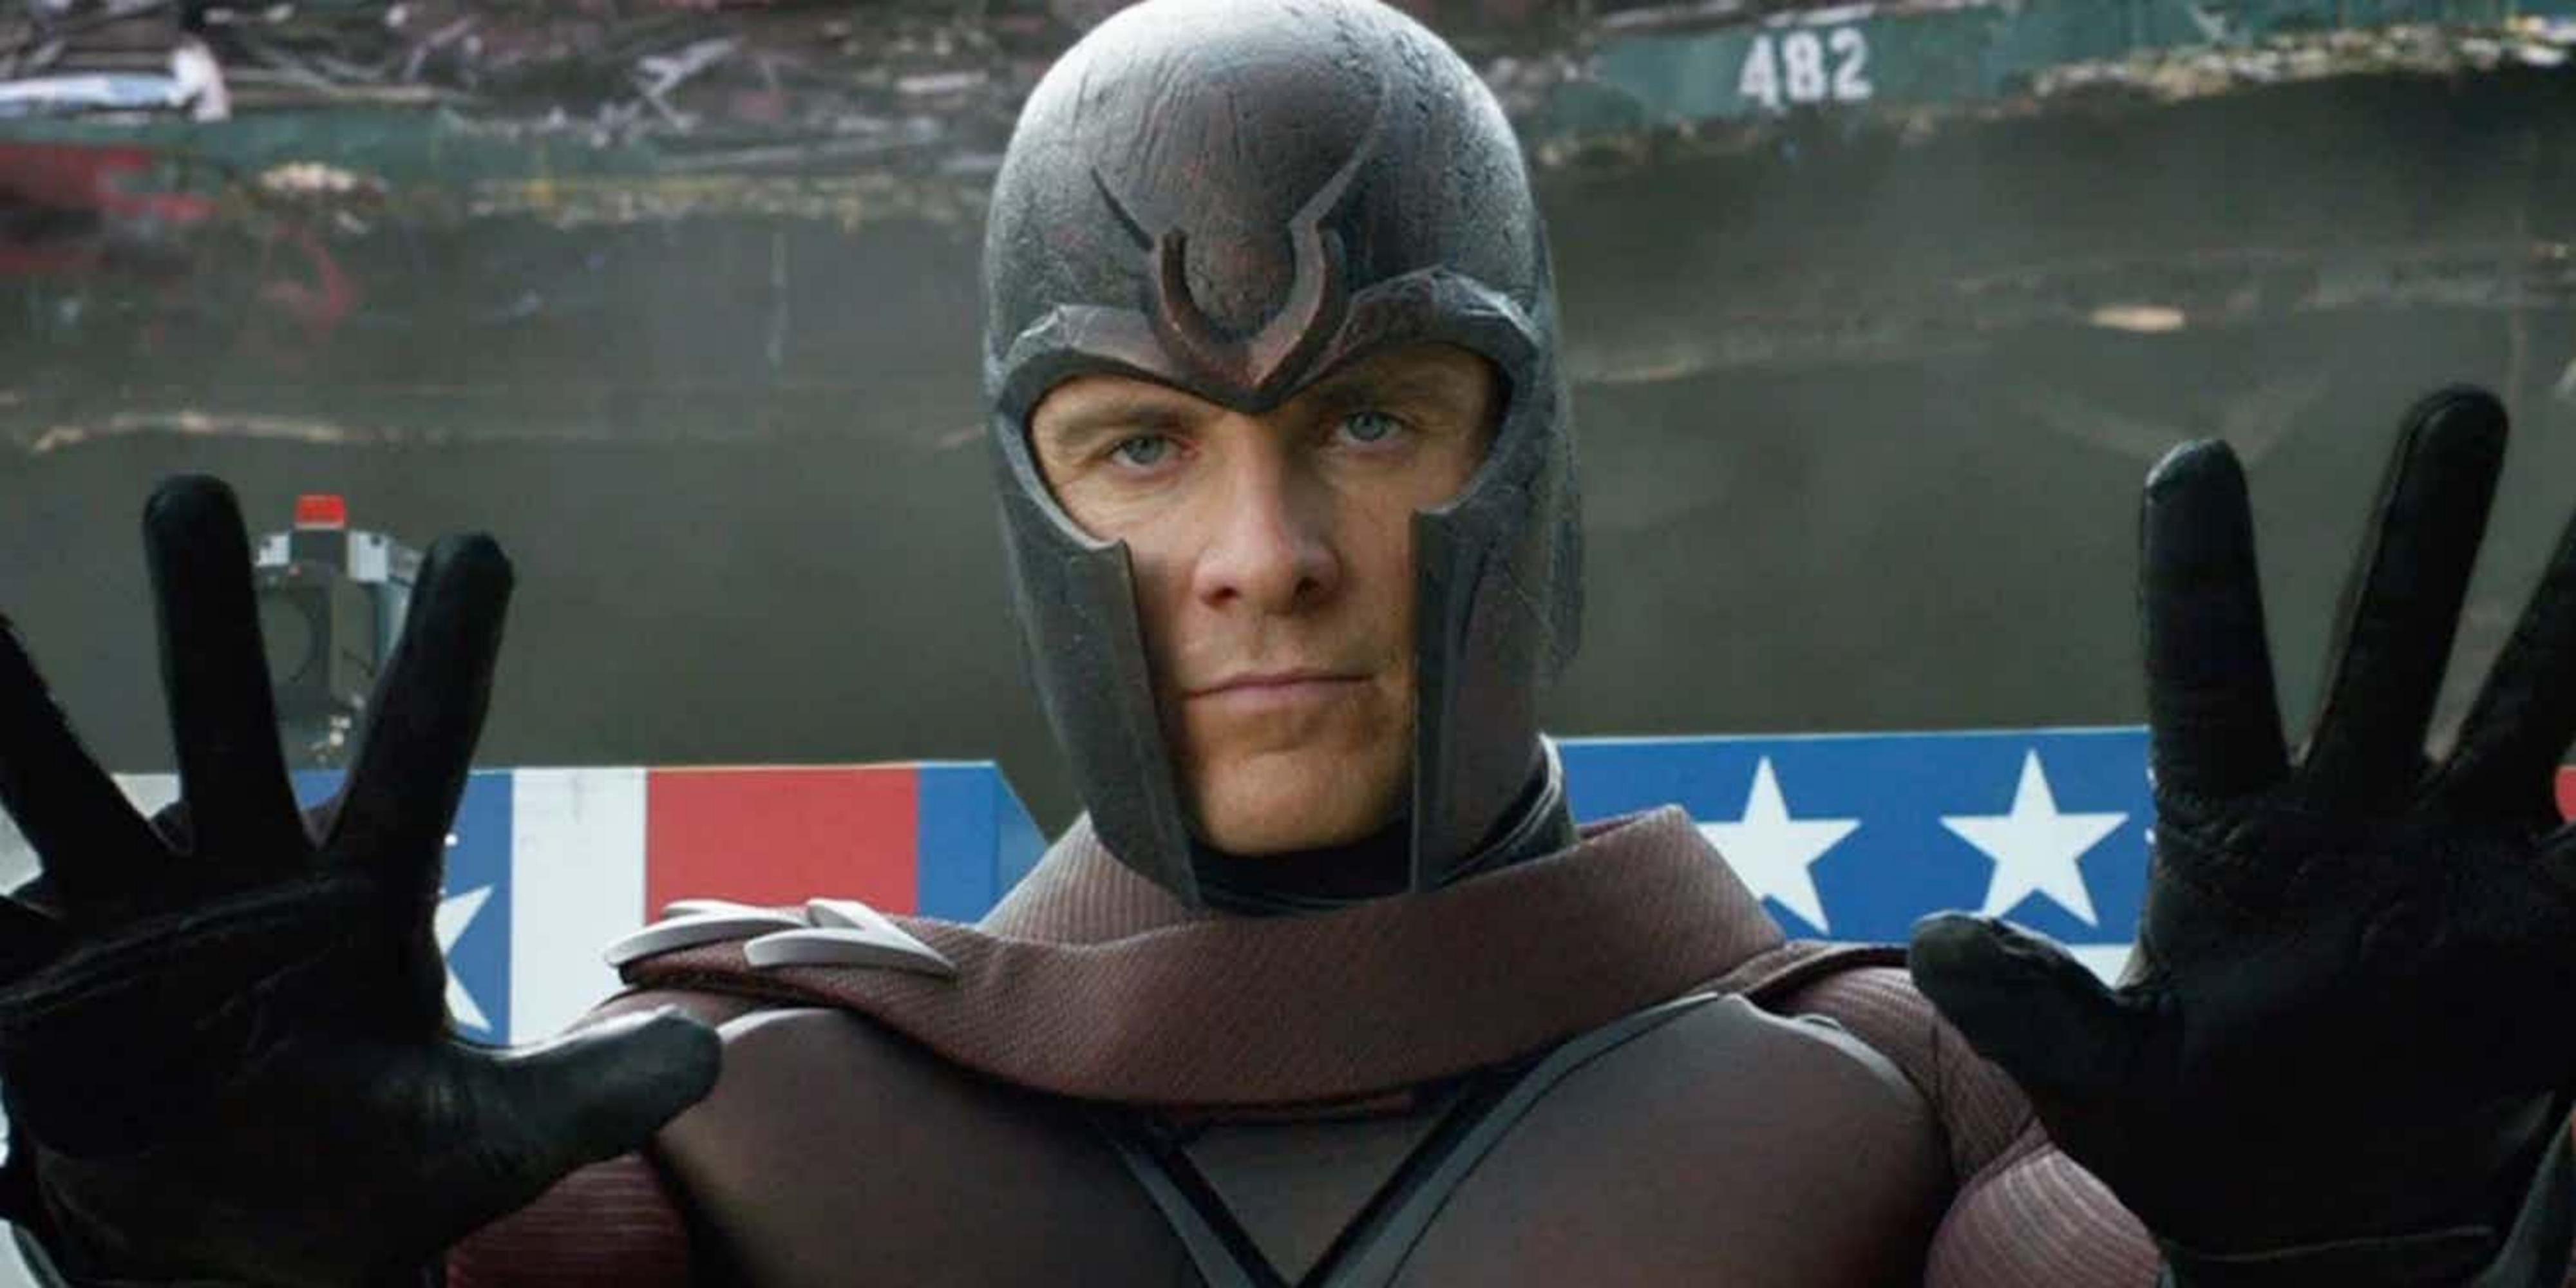 Назван актёр, который исполнит роль Магнето в киновселенной Marvel